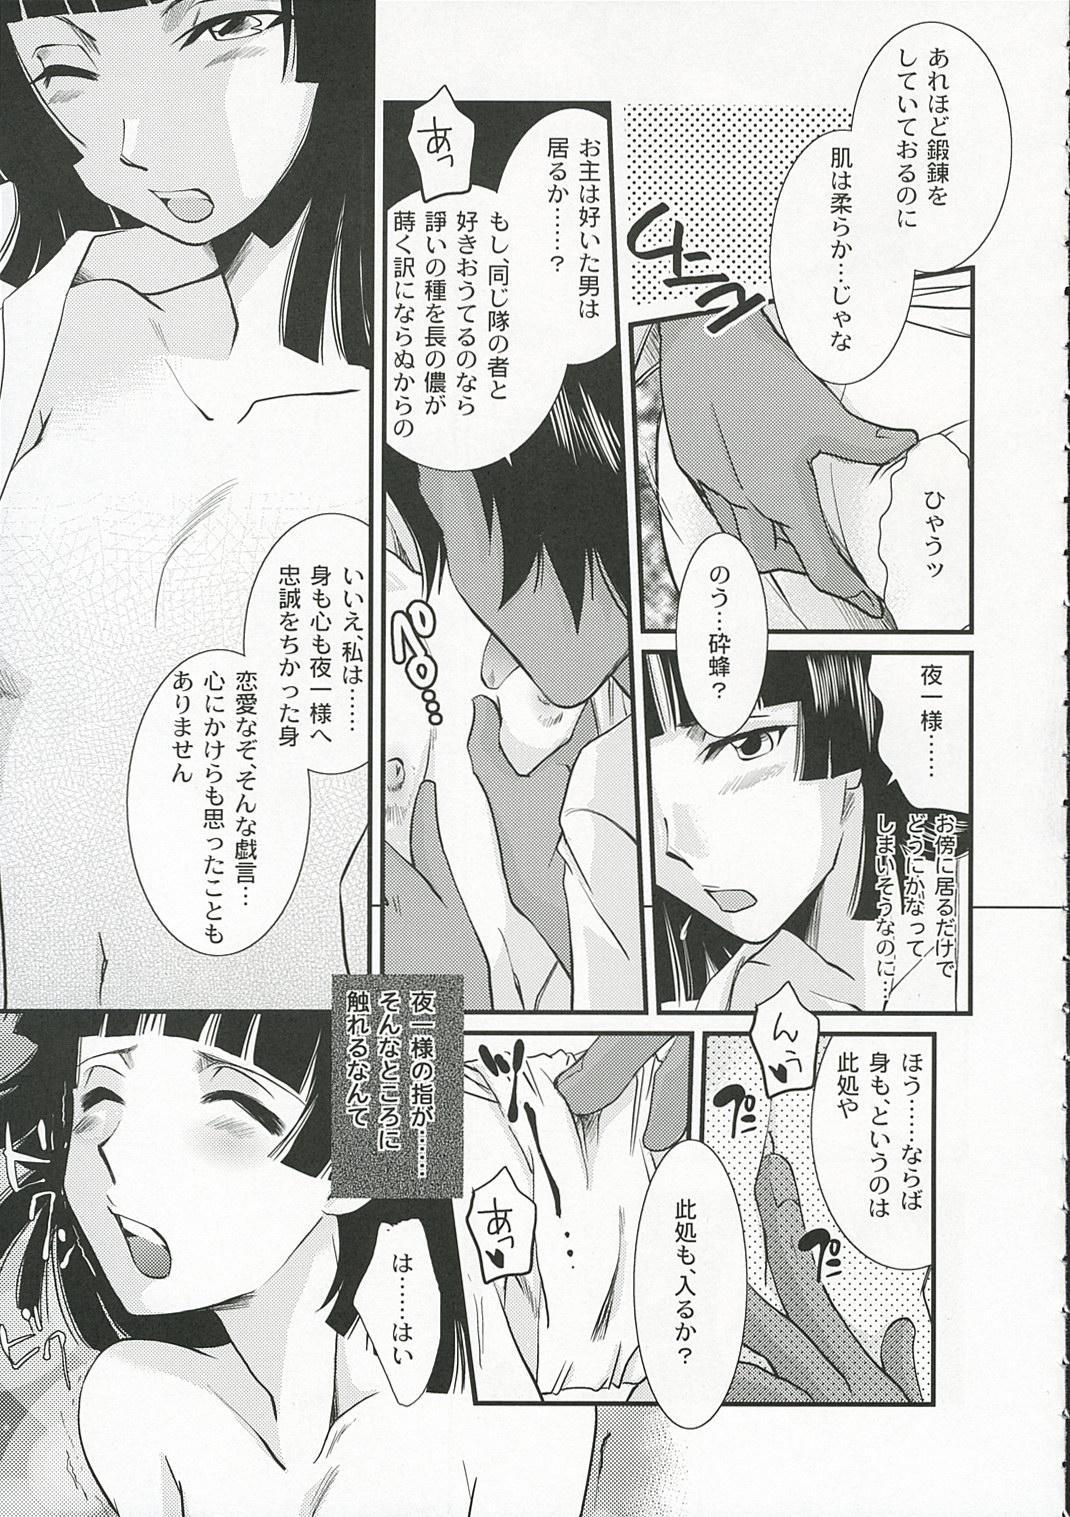 Shinobi 7